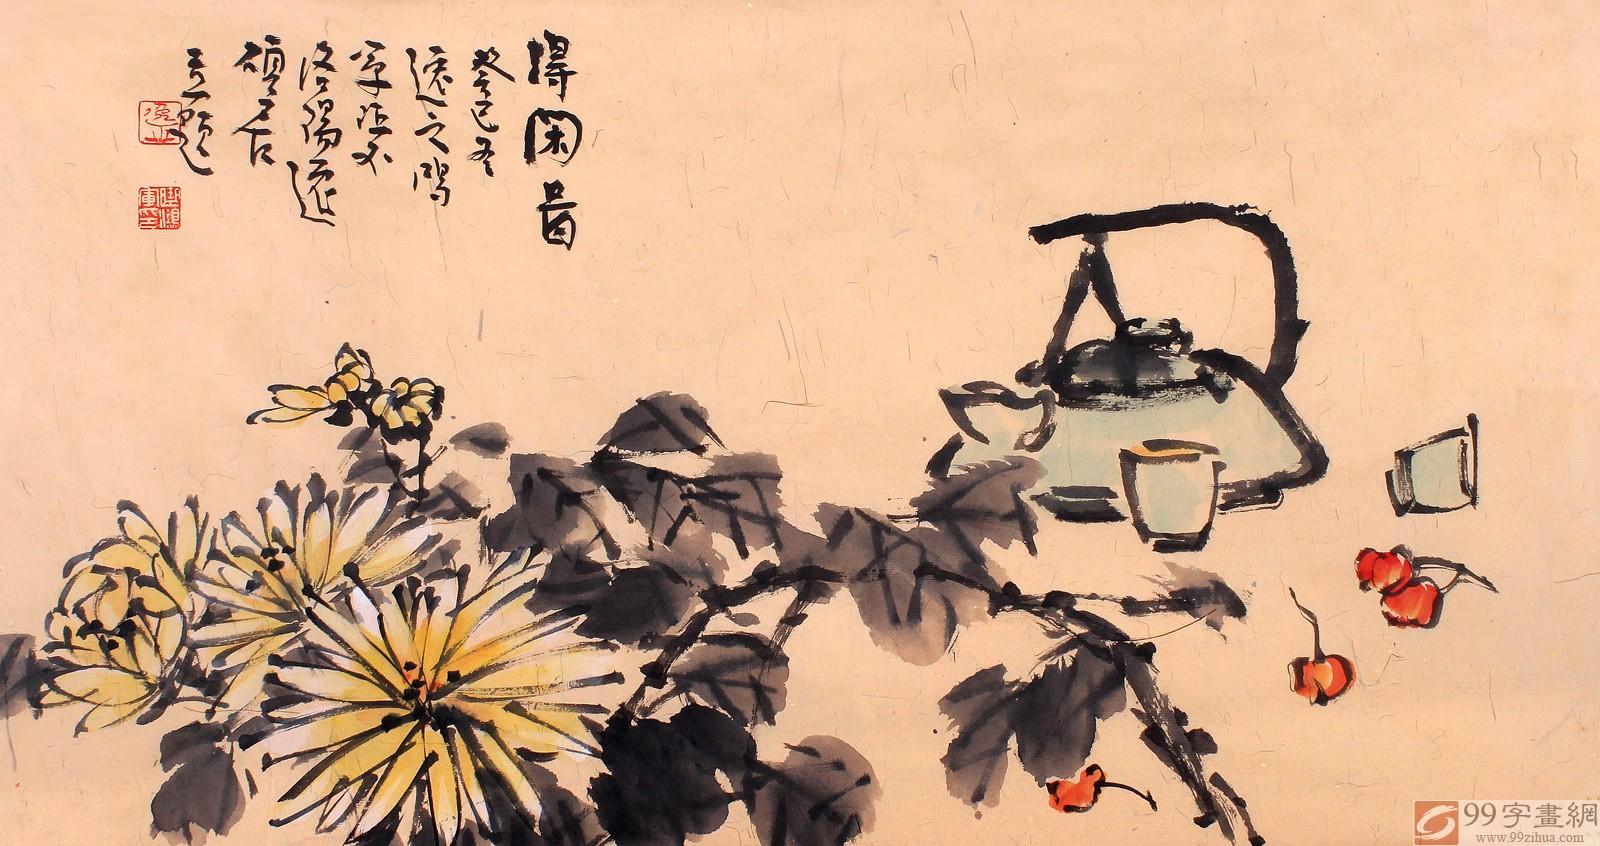 【已售】河南著名画家曲逸之三尺国画菊花《得闲图》图片